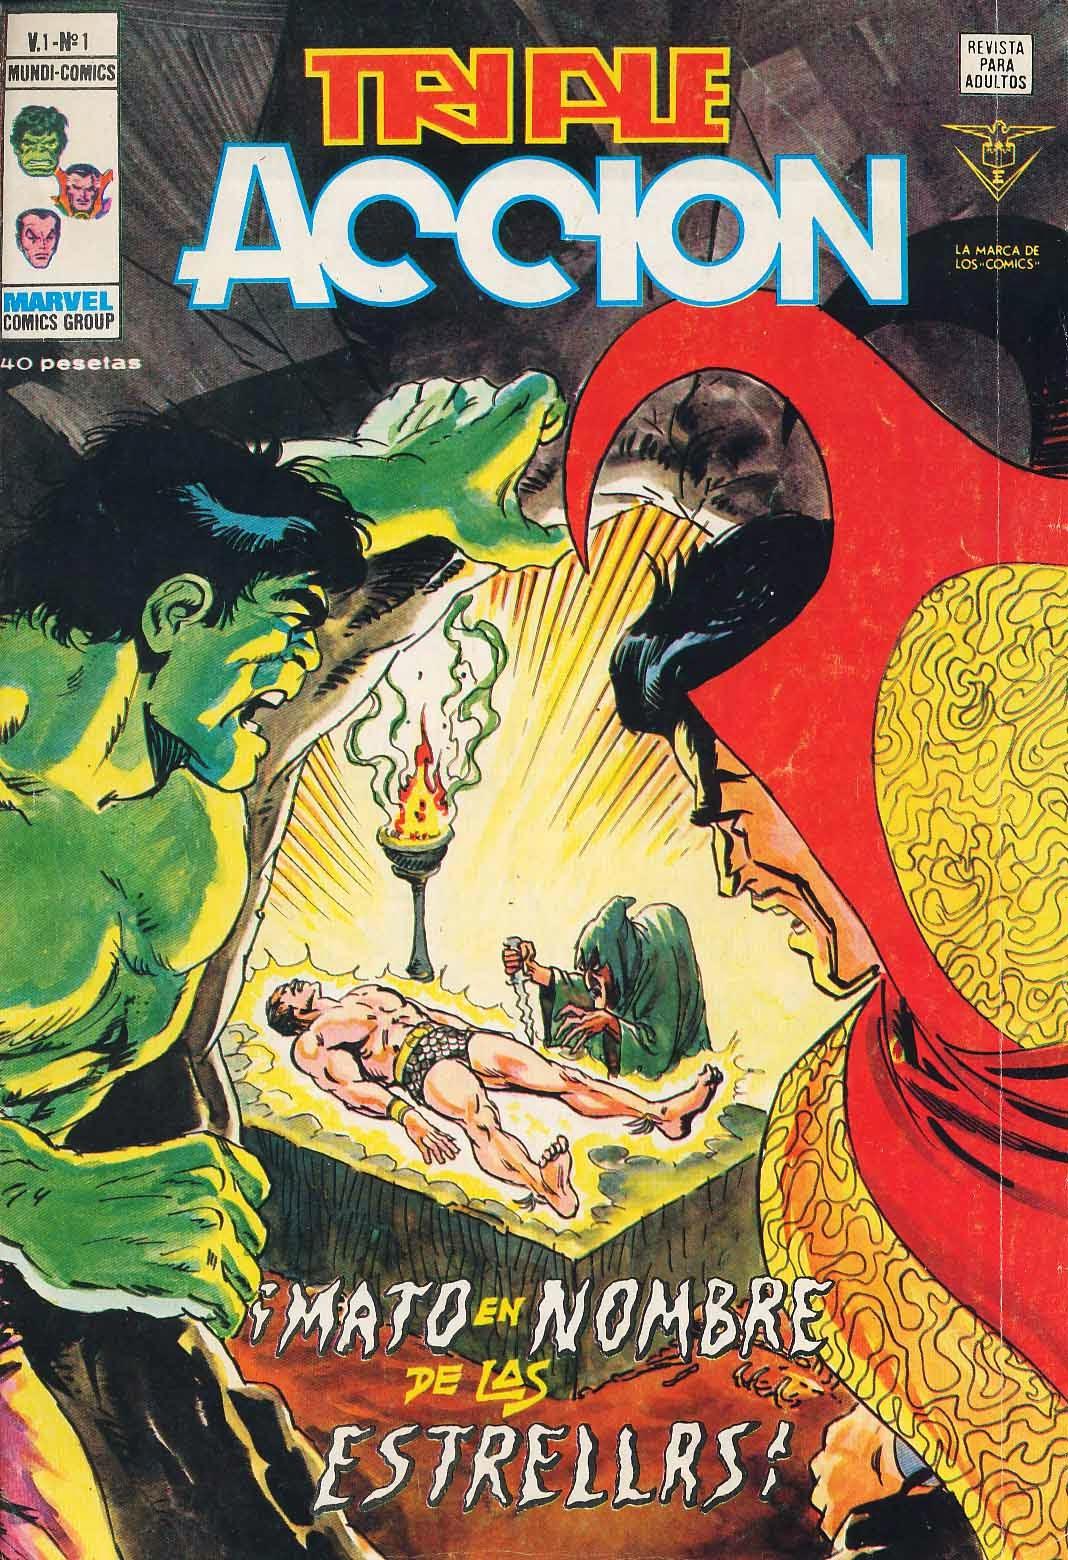 Portada de Triple Acción Volumen 1 Nº 1 Ediciones Vértice